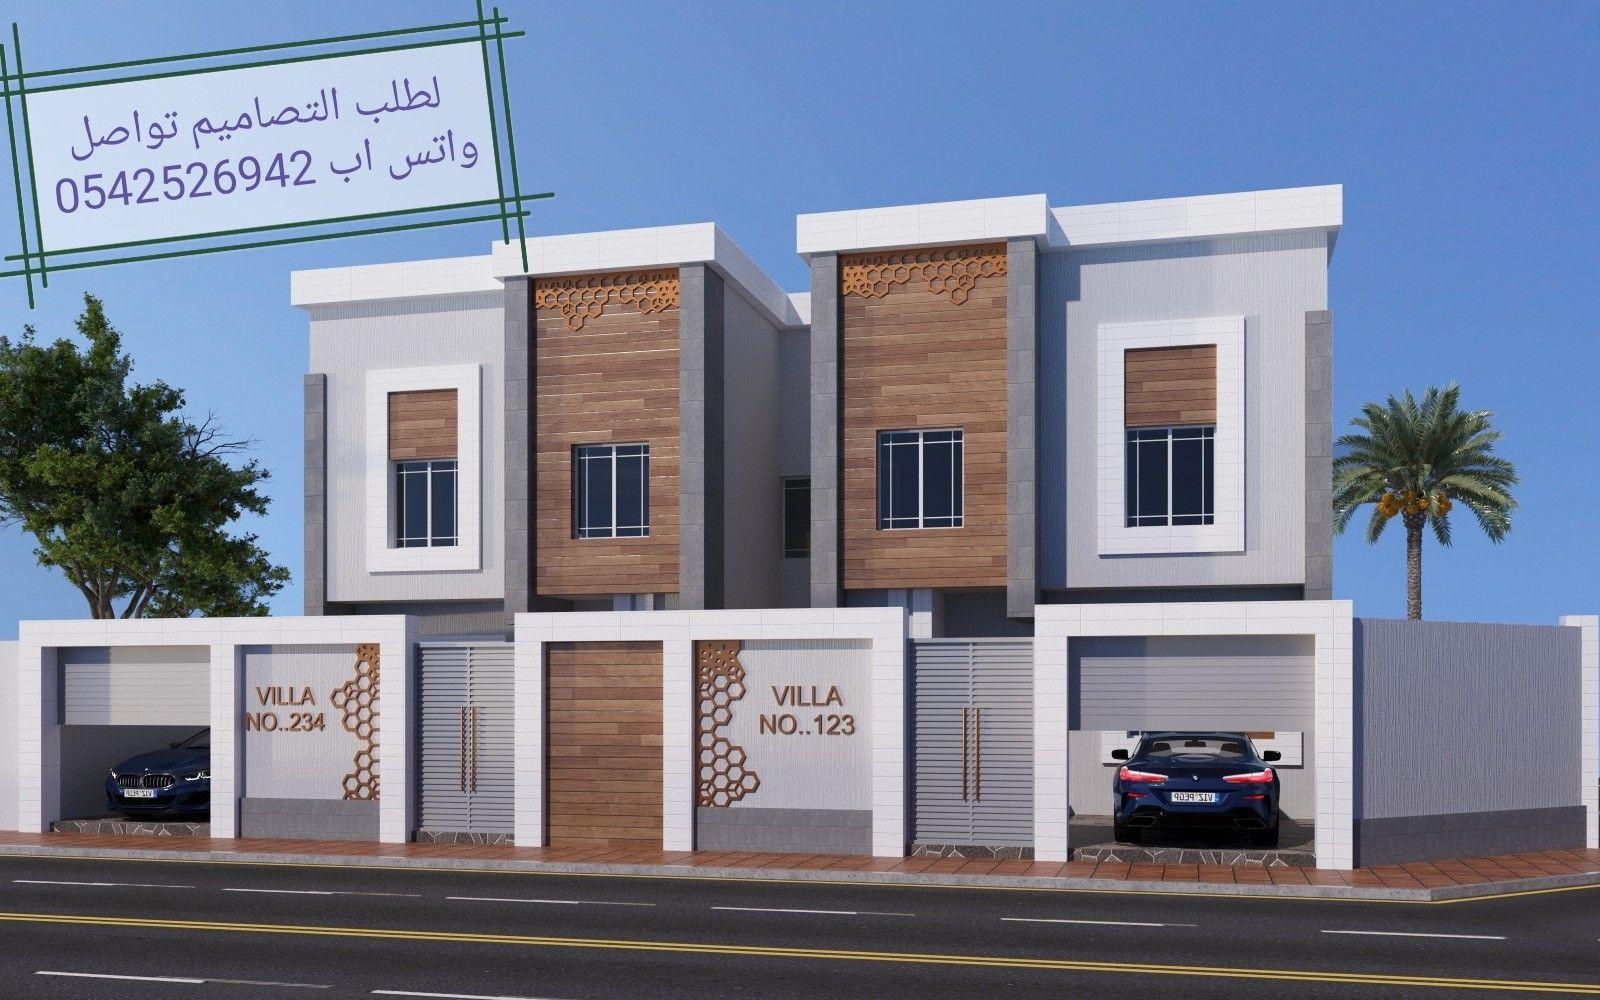 تصميم واجهة دبلكس منفصل في السعودية مدينة الخبر Outdoor Decor Home Decor Home